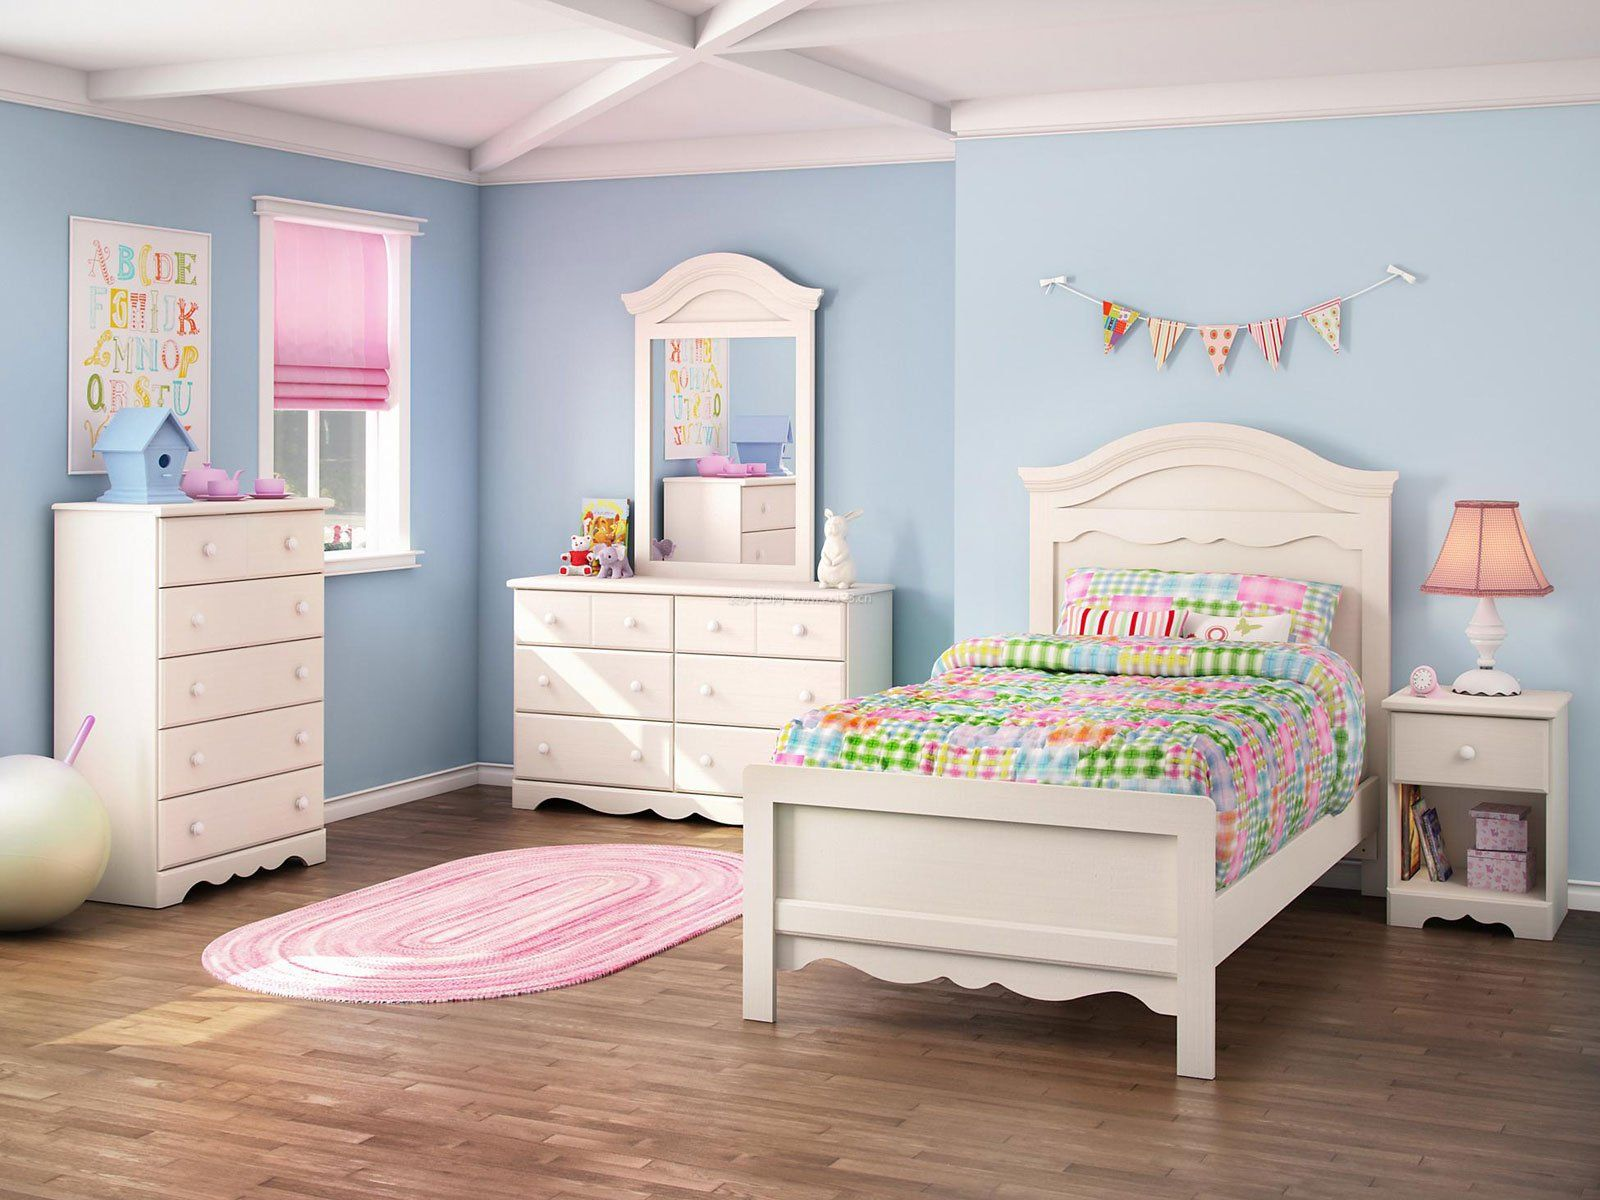 单身女生小卧室家具摆设装修图片